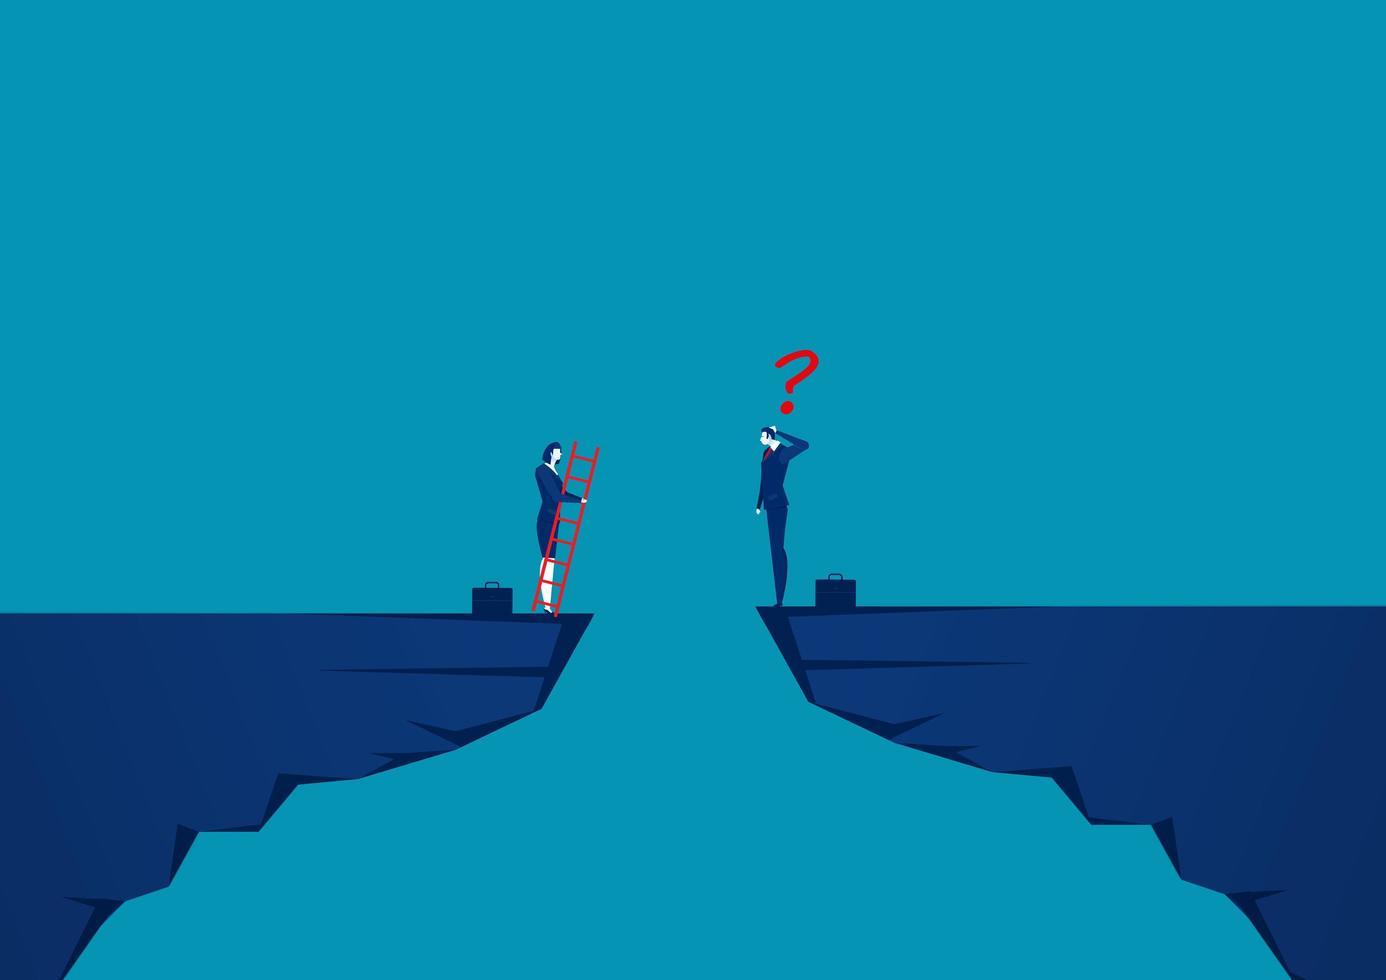 les gens d'affaires rivalisent à travers la falaise pour atteindre l'objectif vecteur